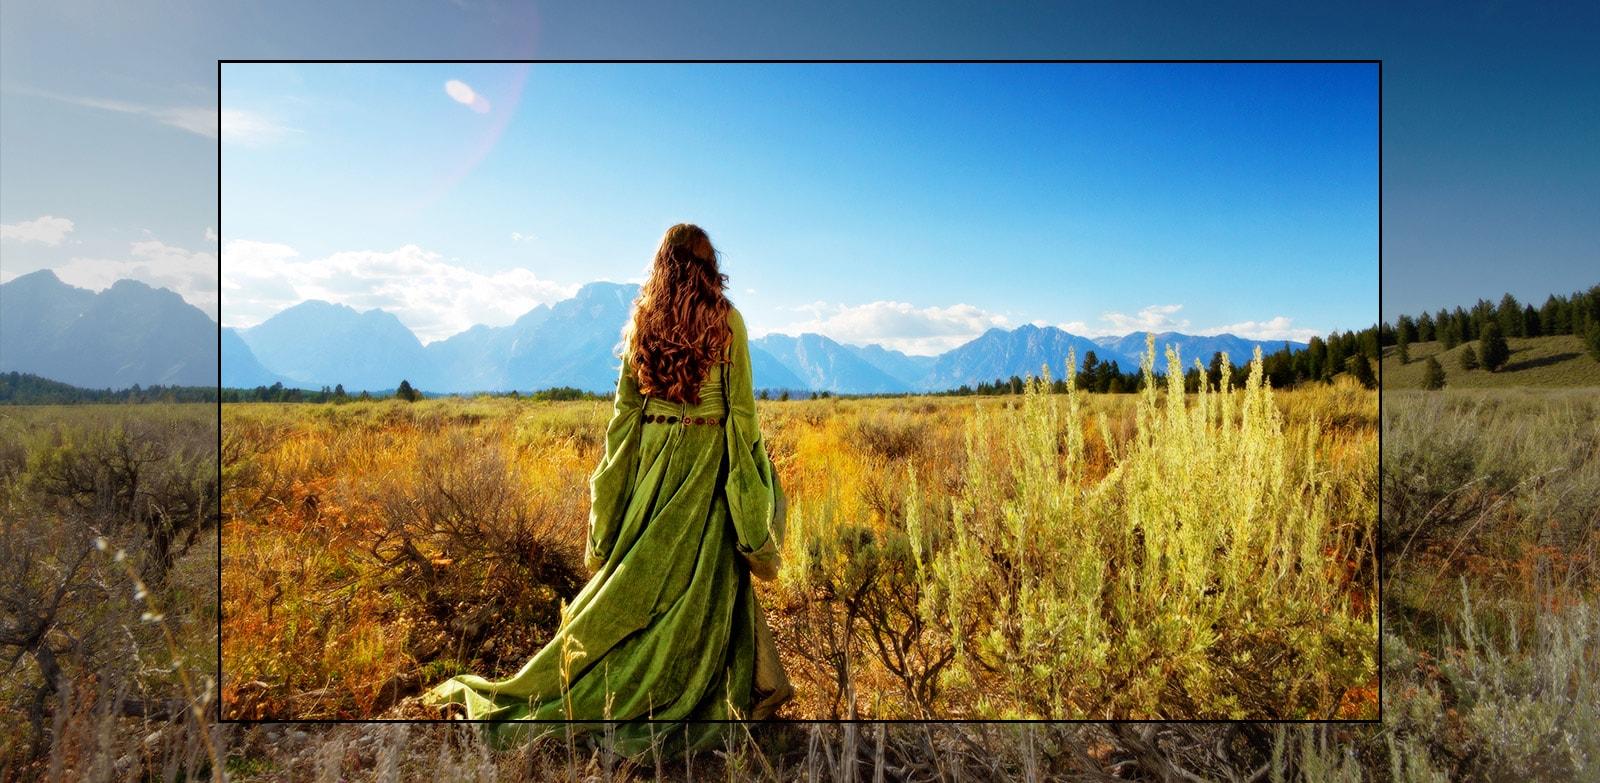 Obrazovka televízora, na ktorej je scéna z fantastického filmu – žena stojaca v poli s pohľadom upretým na hory.